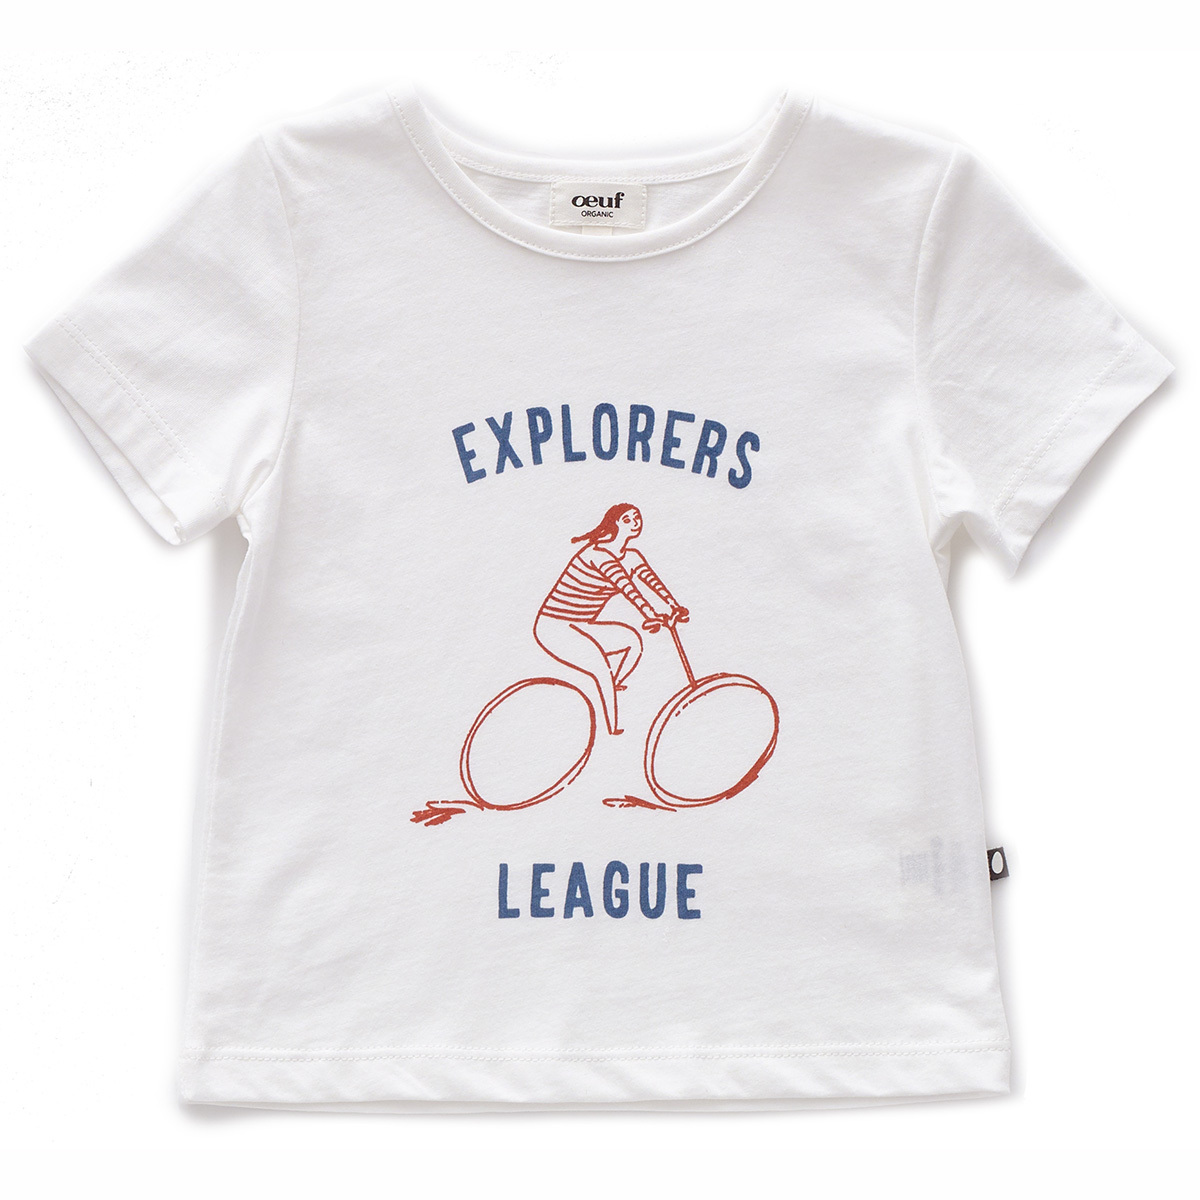 Haut bébé T-Shirt Explorer - Blanc - 12 Mois T-Shirt Explorer - Blanc - 12 Mois